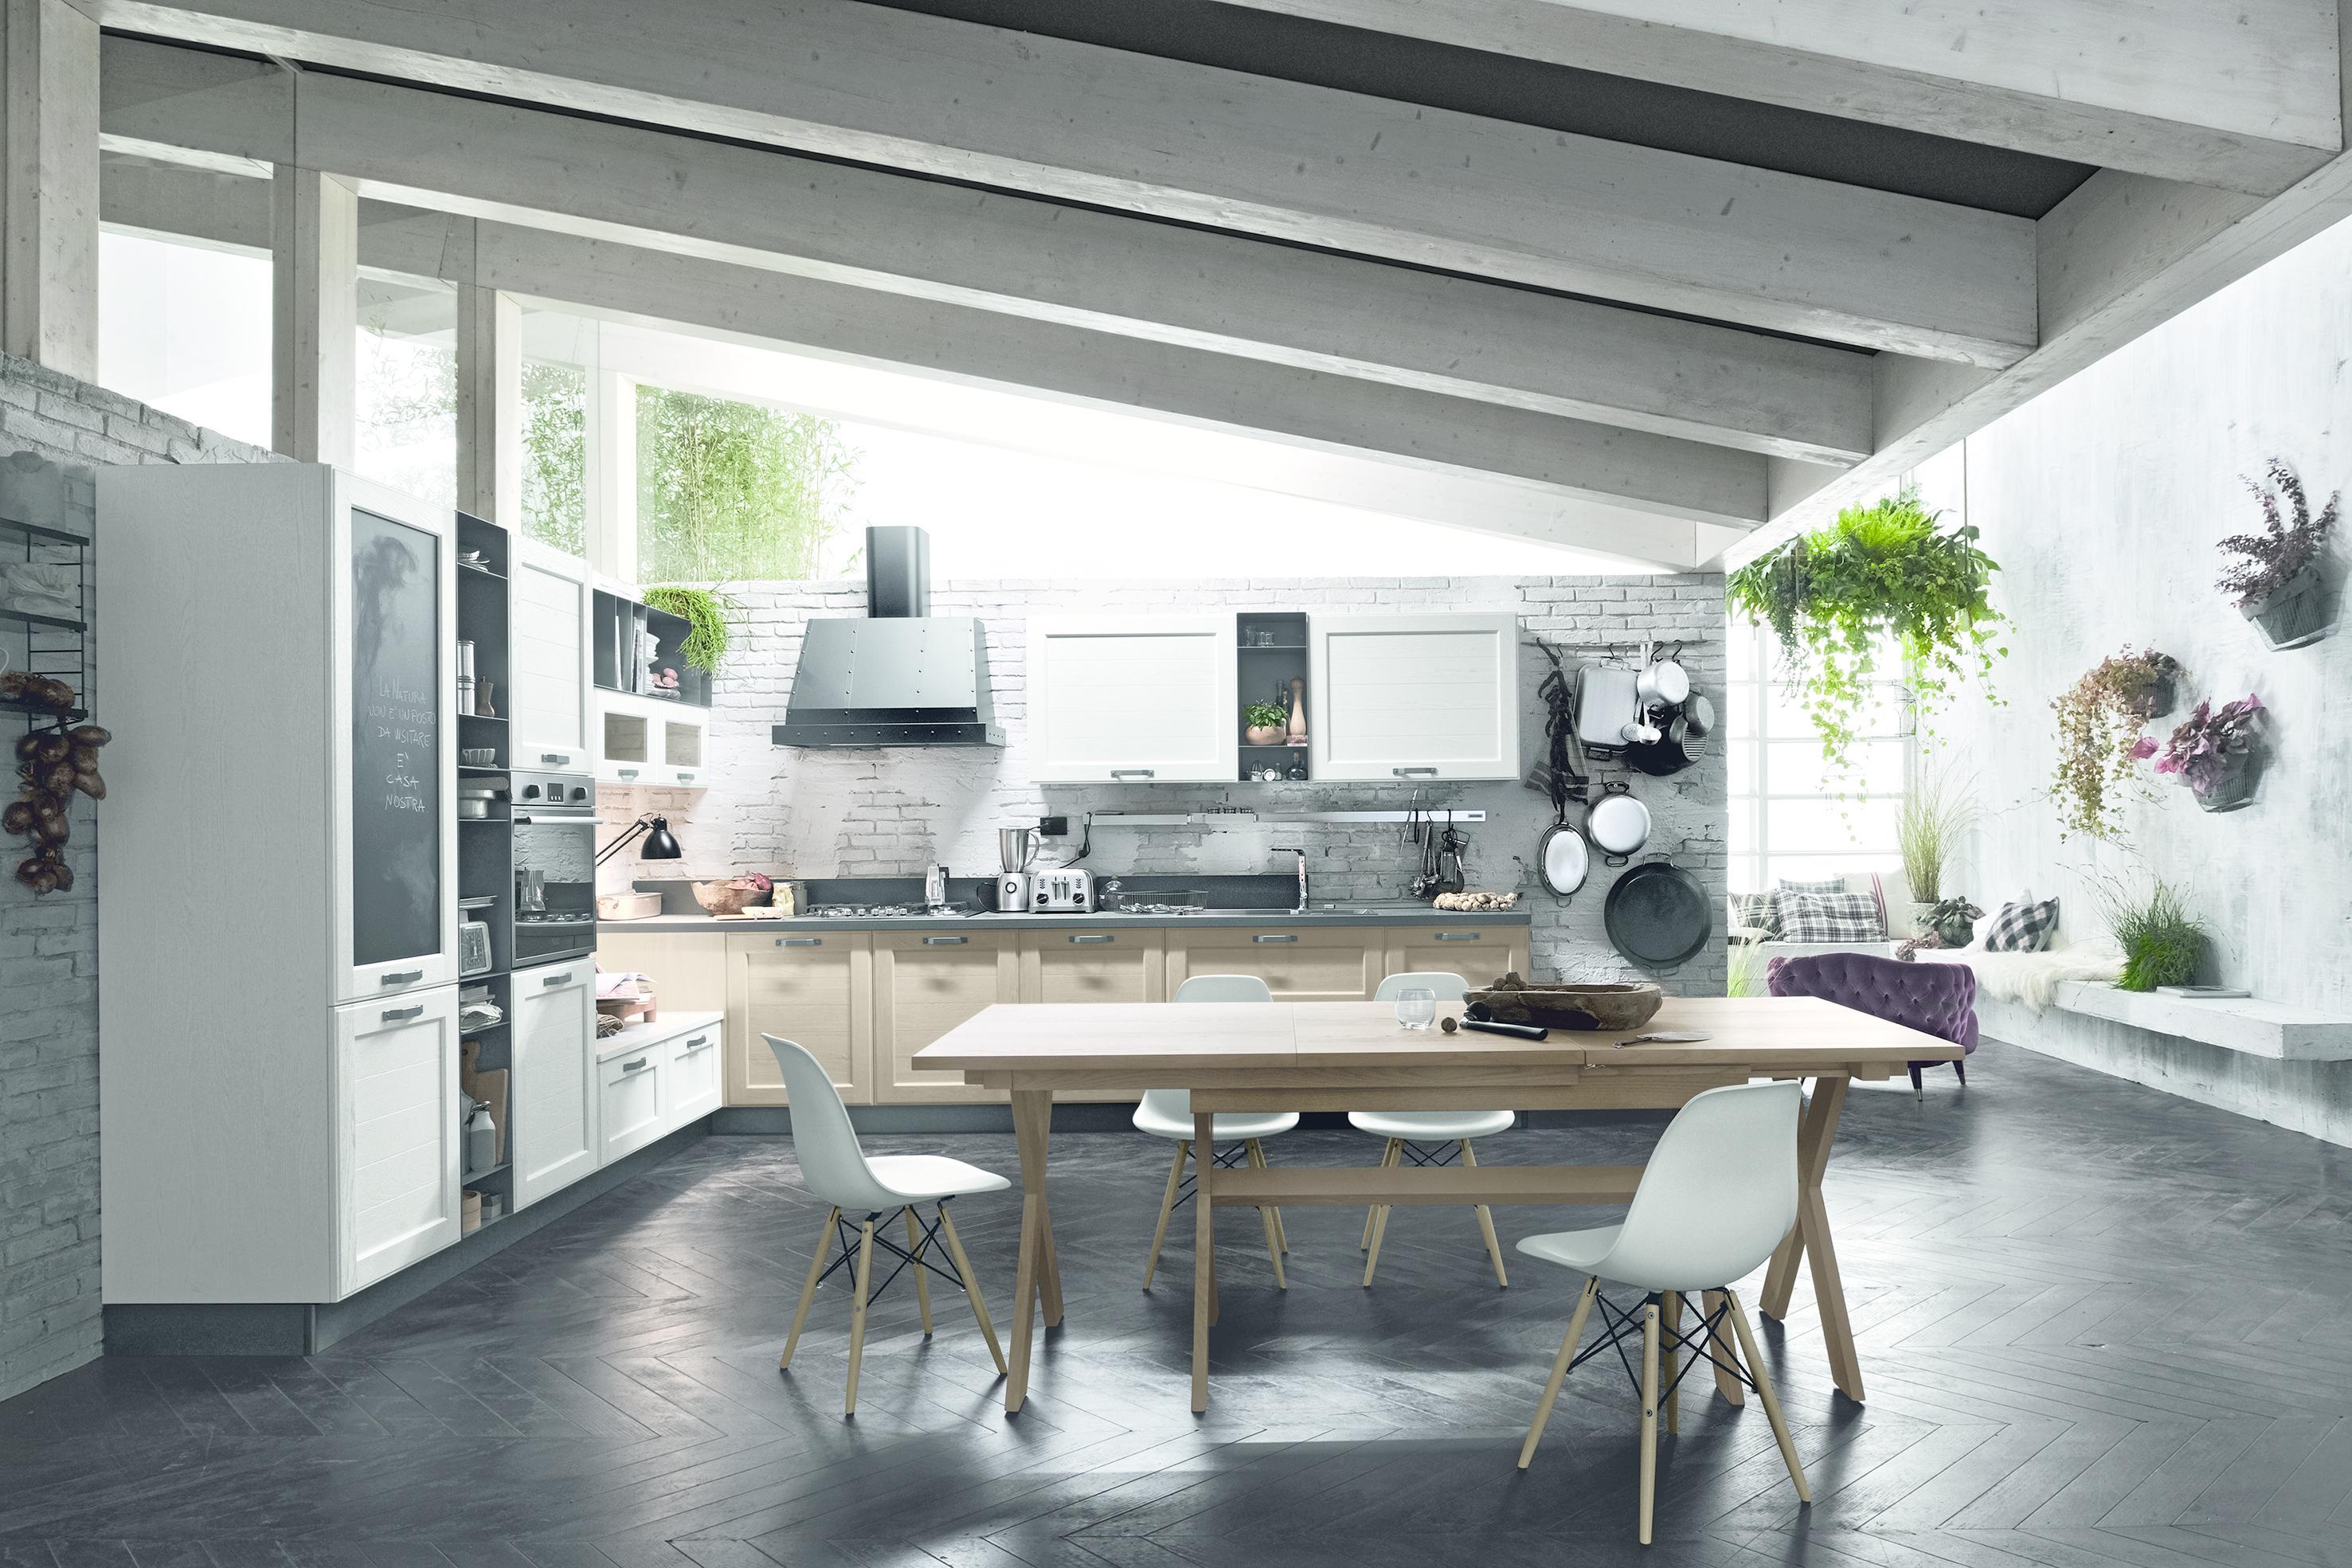 Stosa cucine inaugura nuovo store ad arezzo cose di casa for Stosa cucine verona